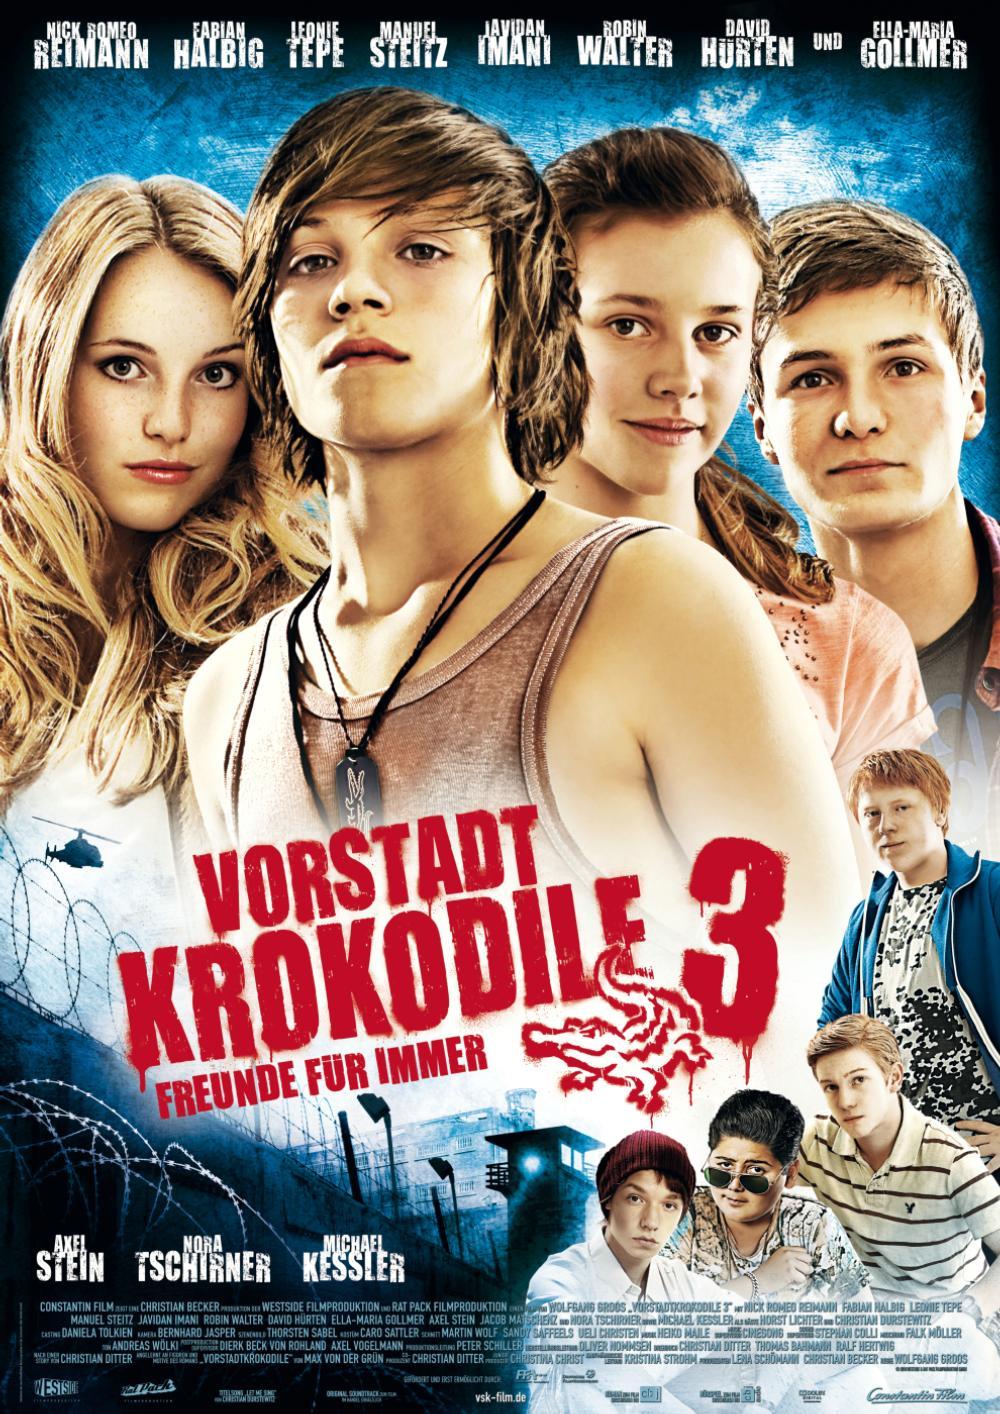 http://www.new-video.de/co/vorstakroko3.jpg